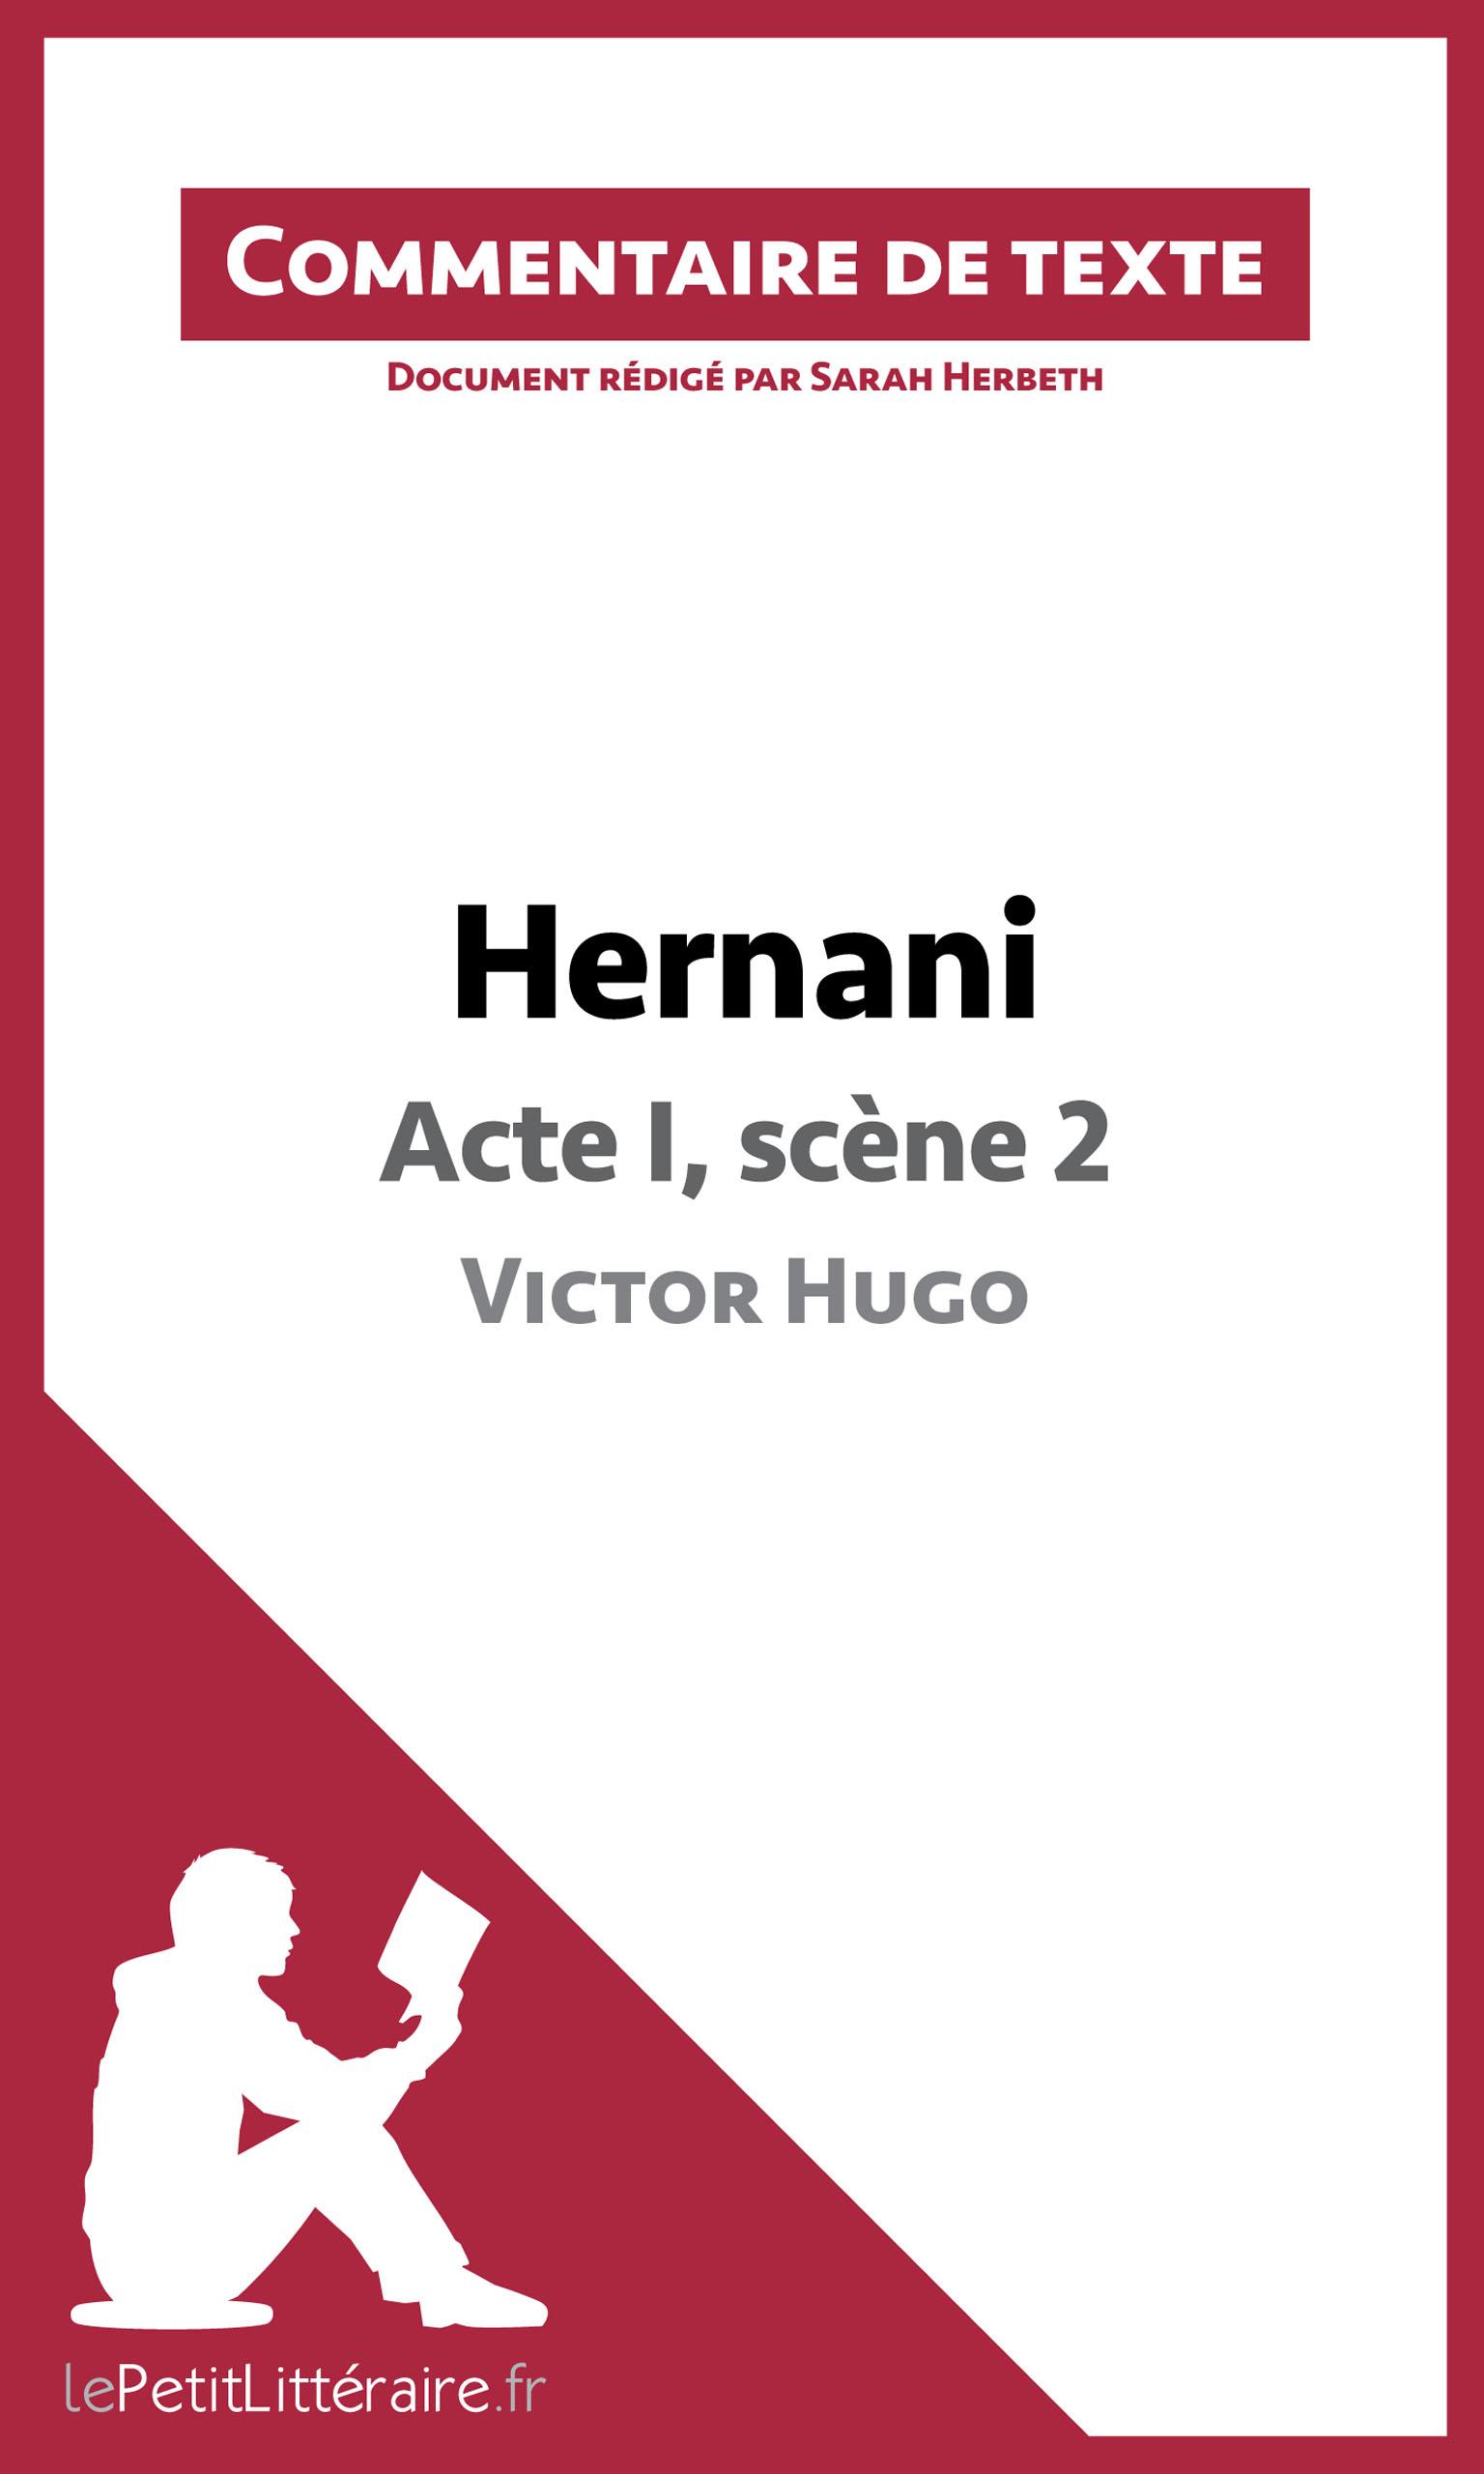 La scène 2 de l'acte I